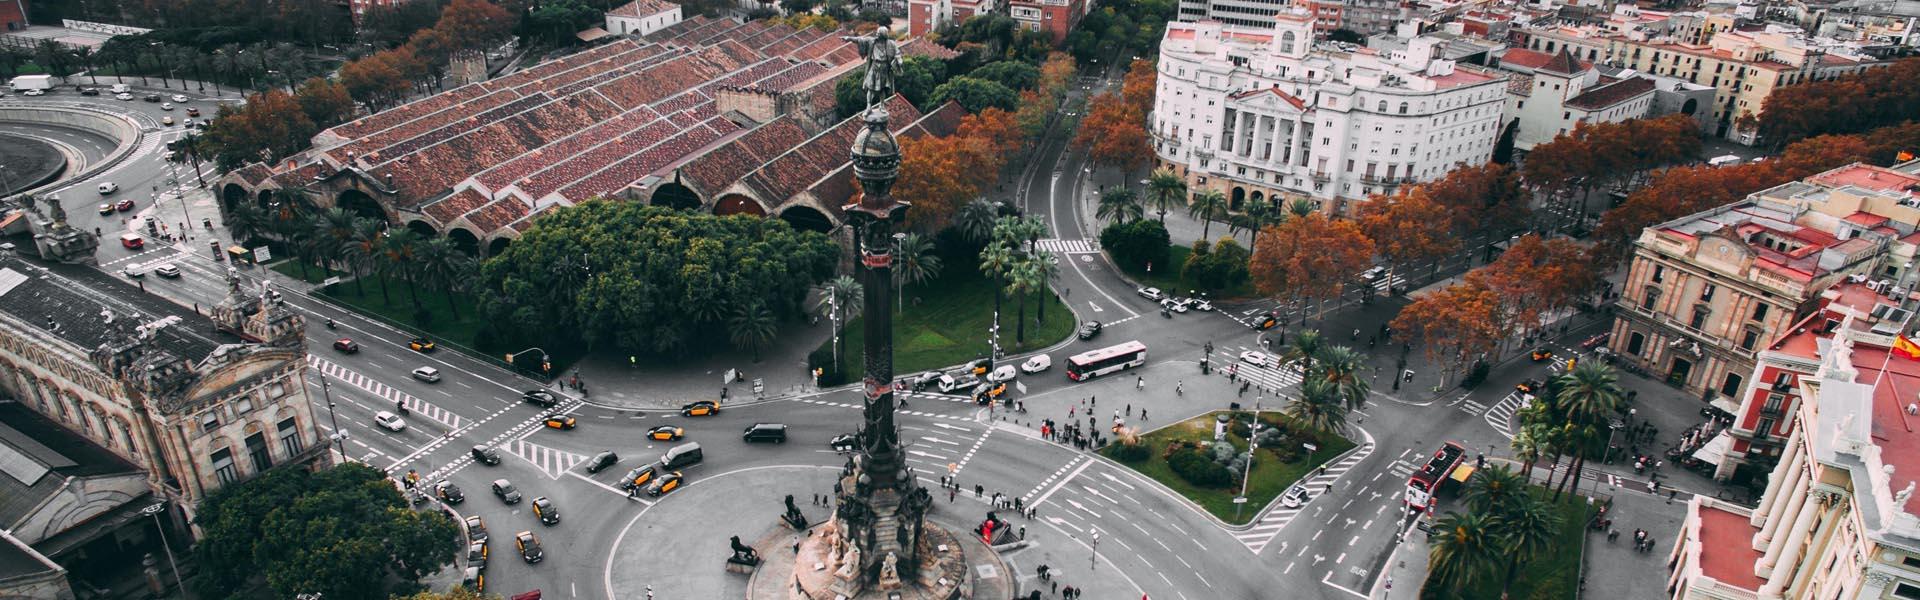 Vista aerea del monument a Colom a Barcelona